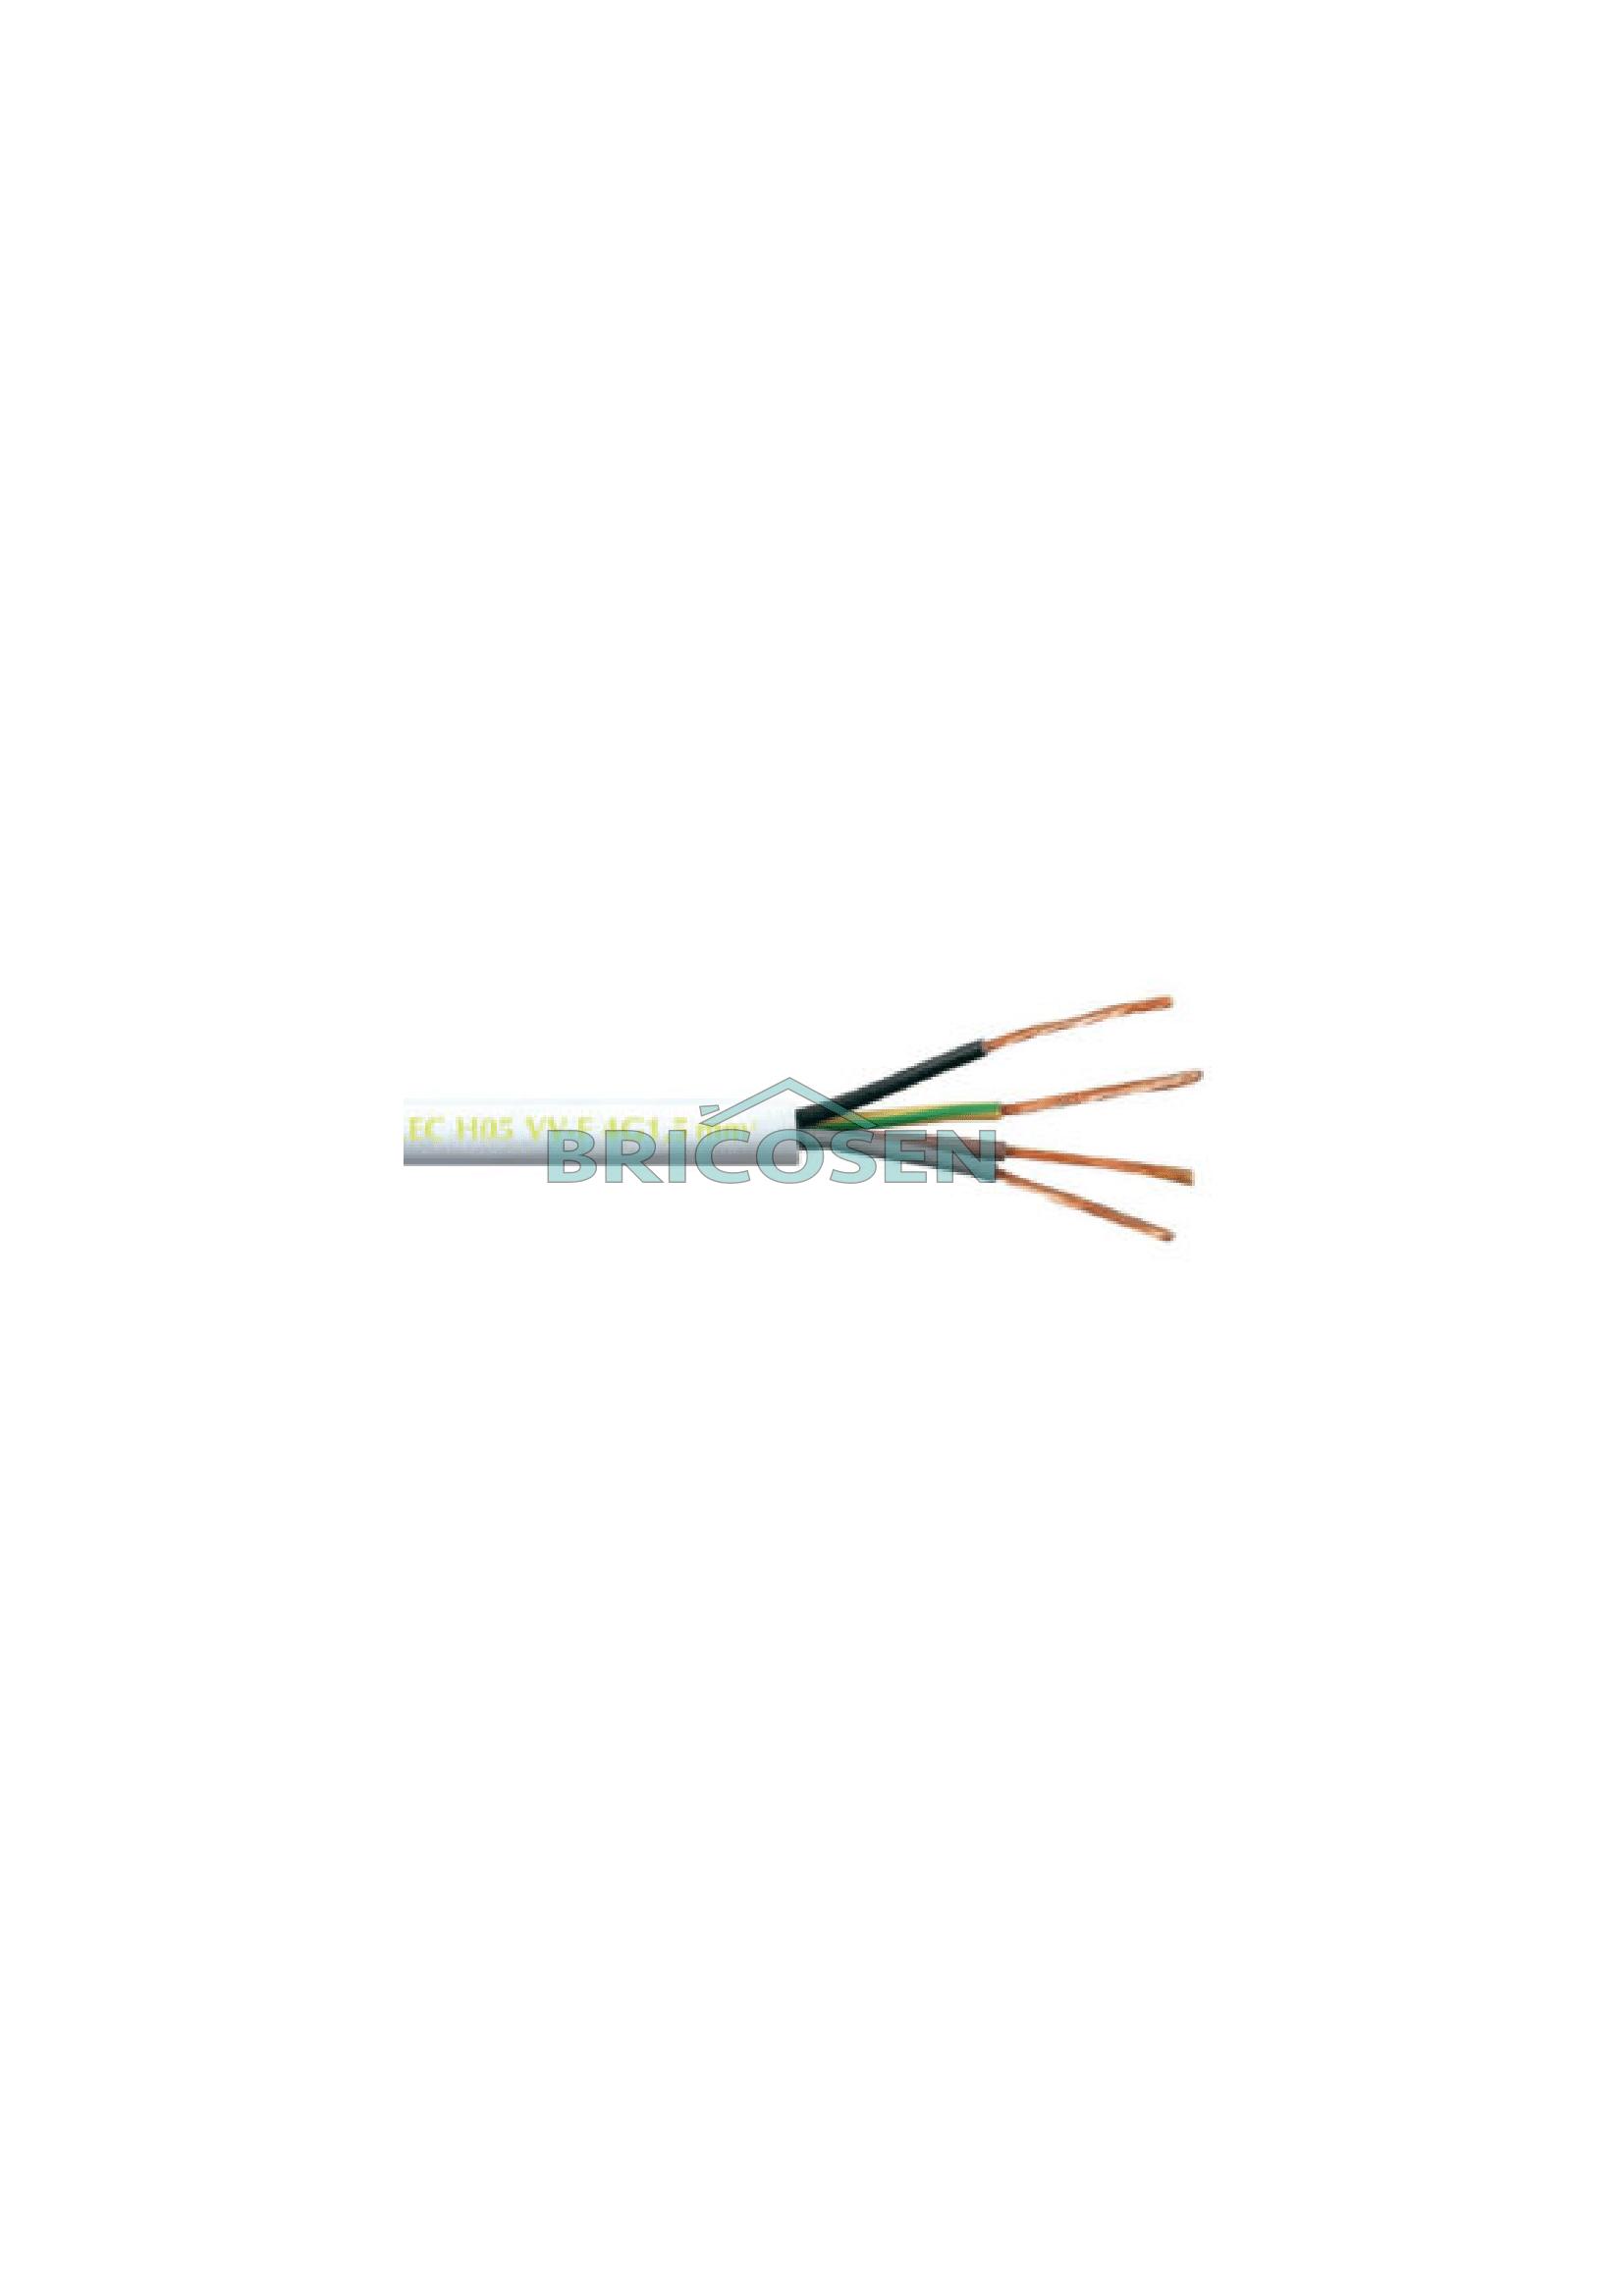 cable souple multi conducteur shwf bricosen quincaillerie senegal